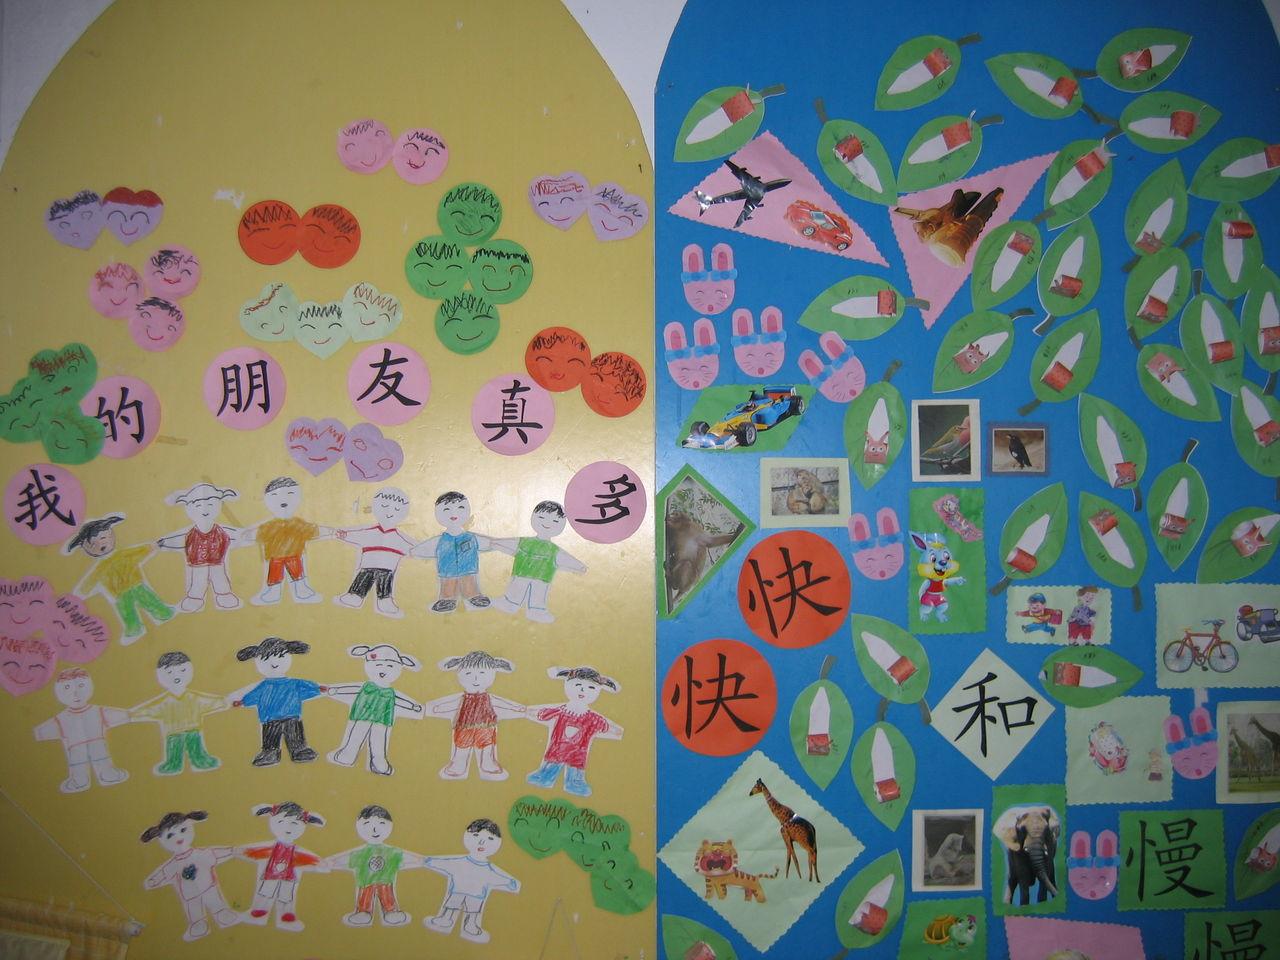 小学一年级板报设计图案大全图片展示